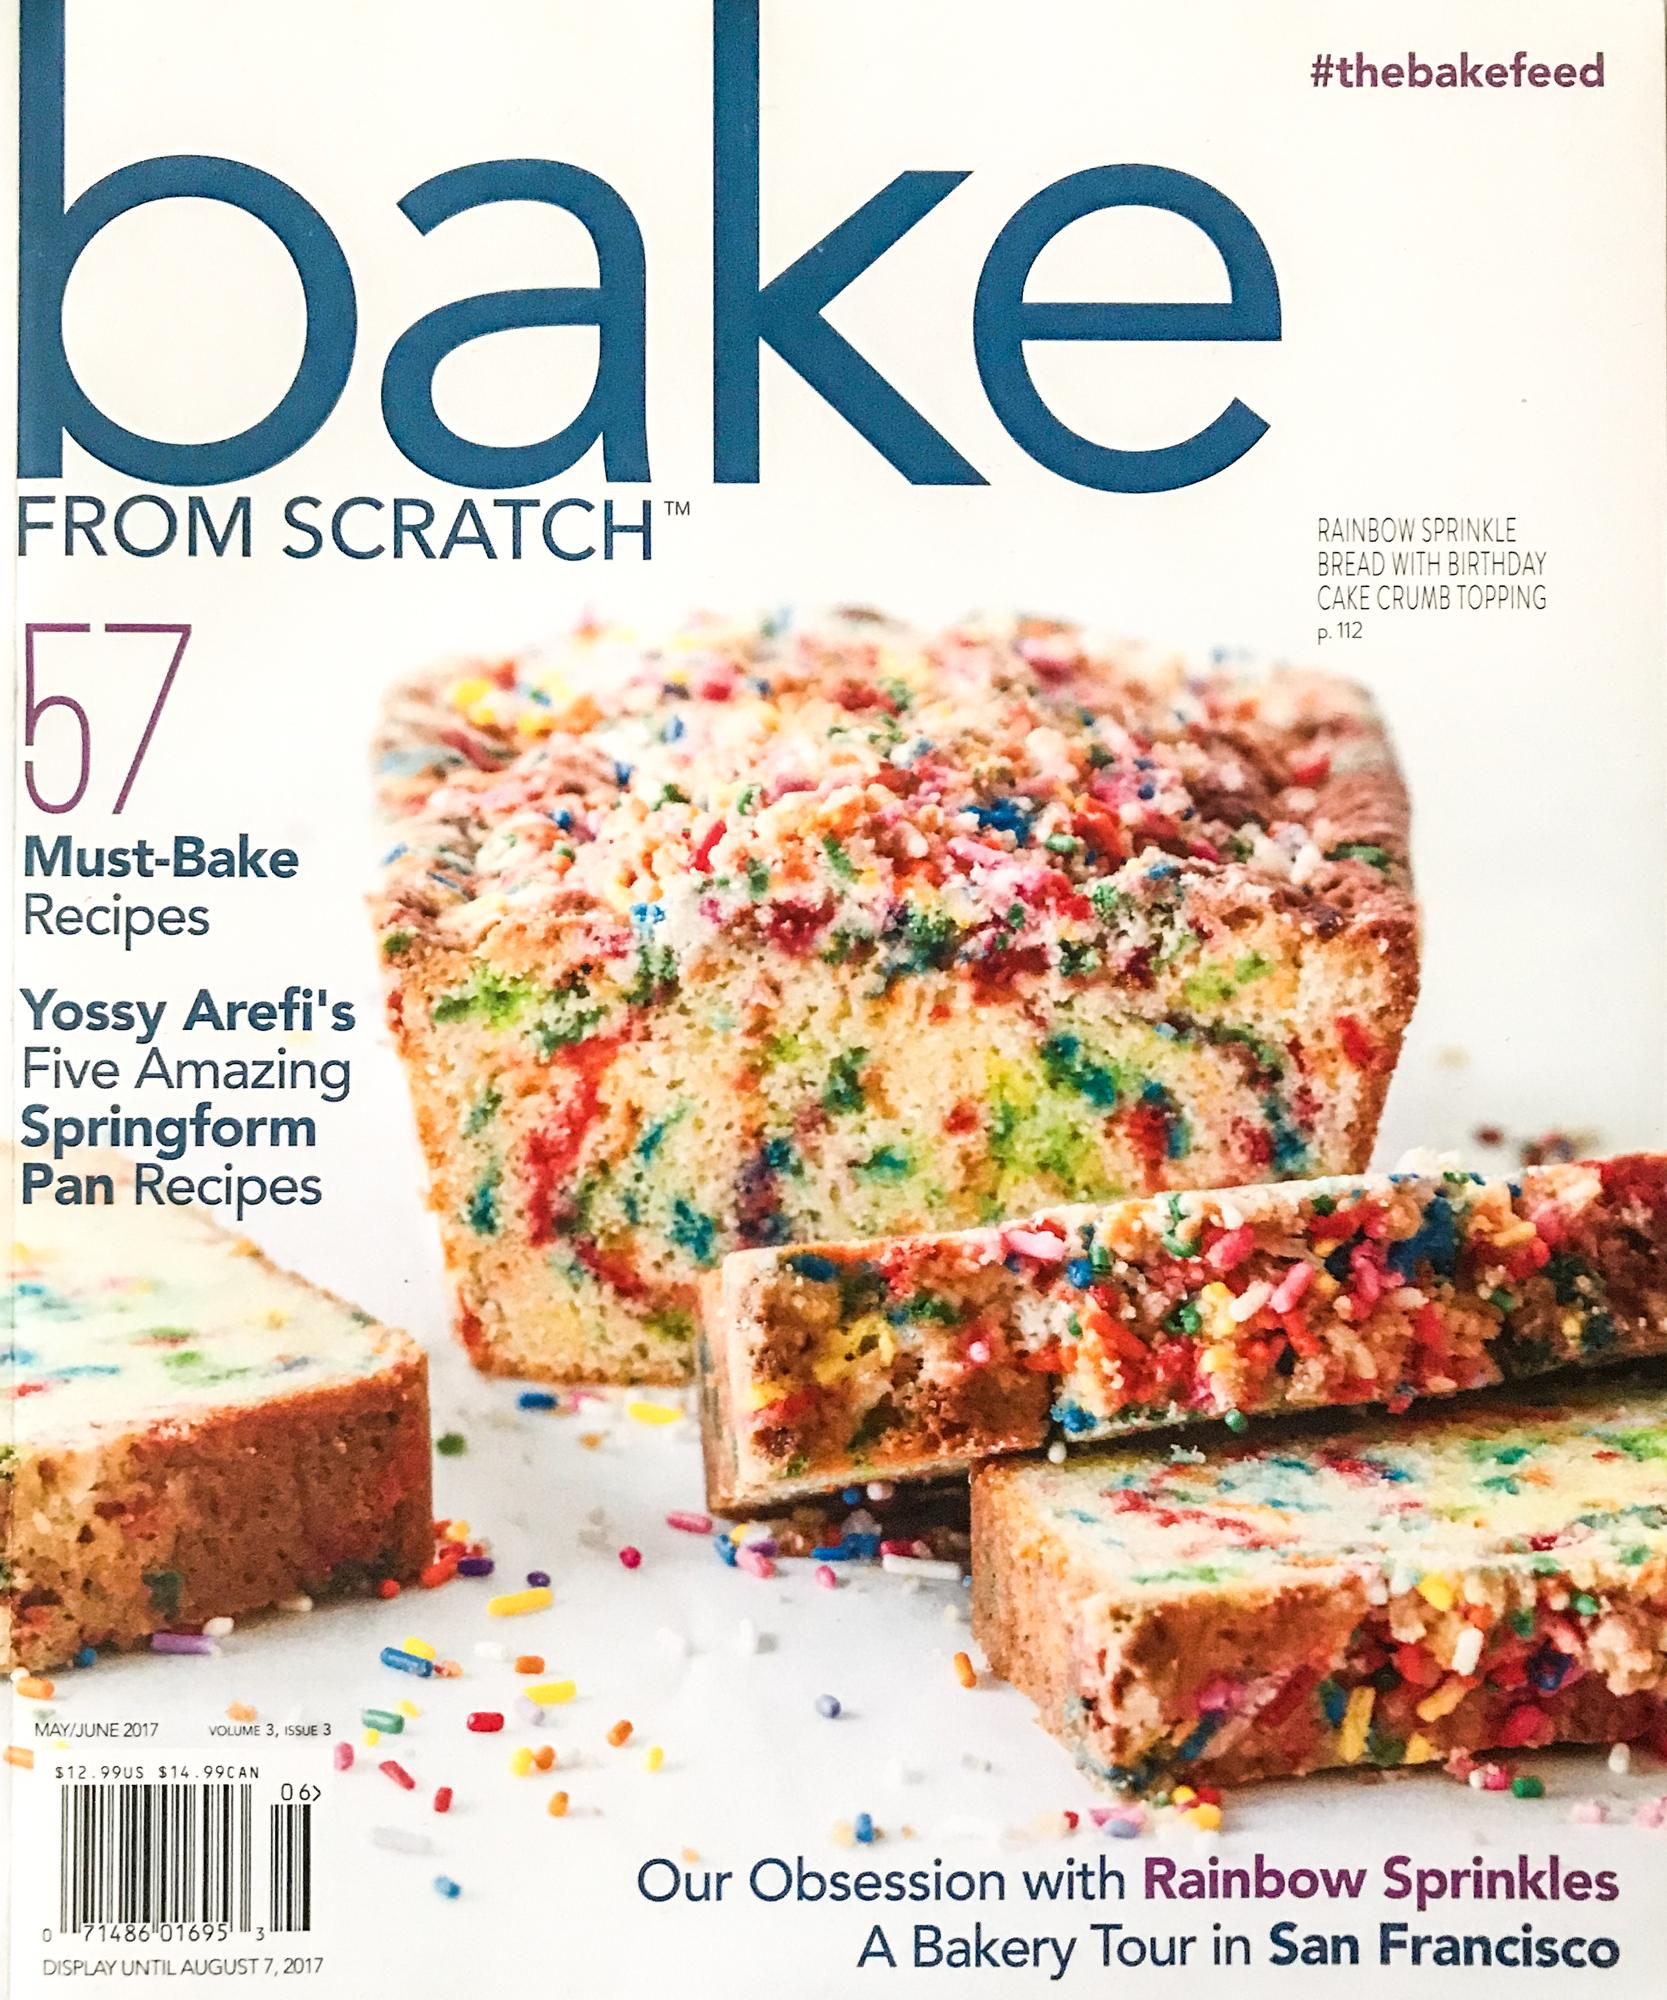 BakeScratch_2017_1_3131.jpg